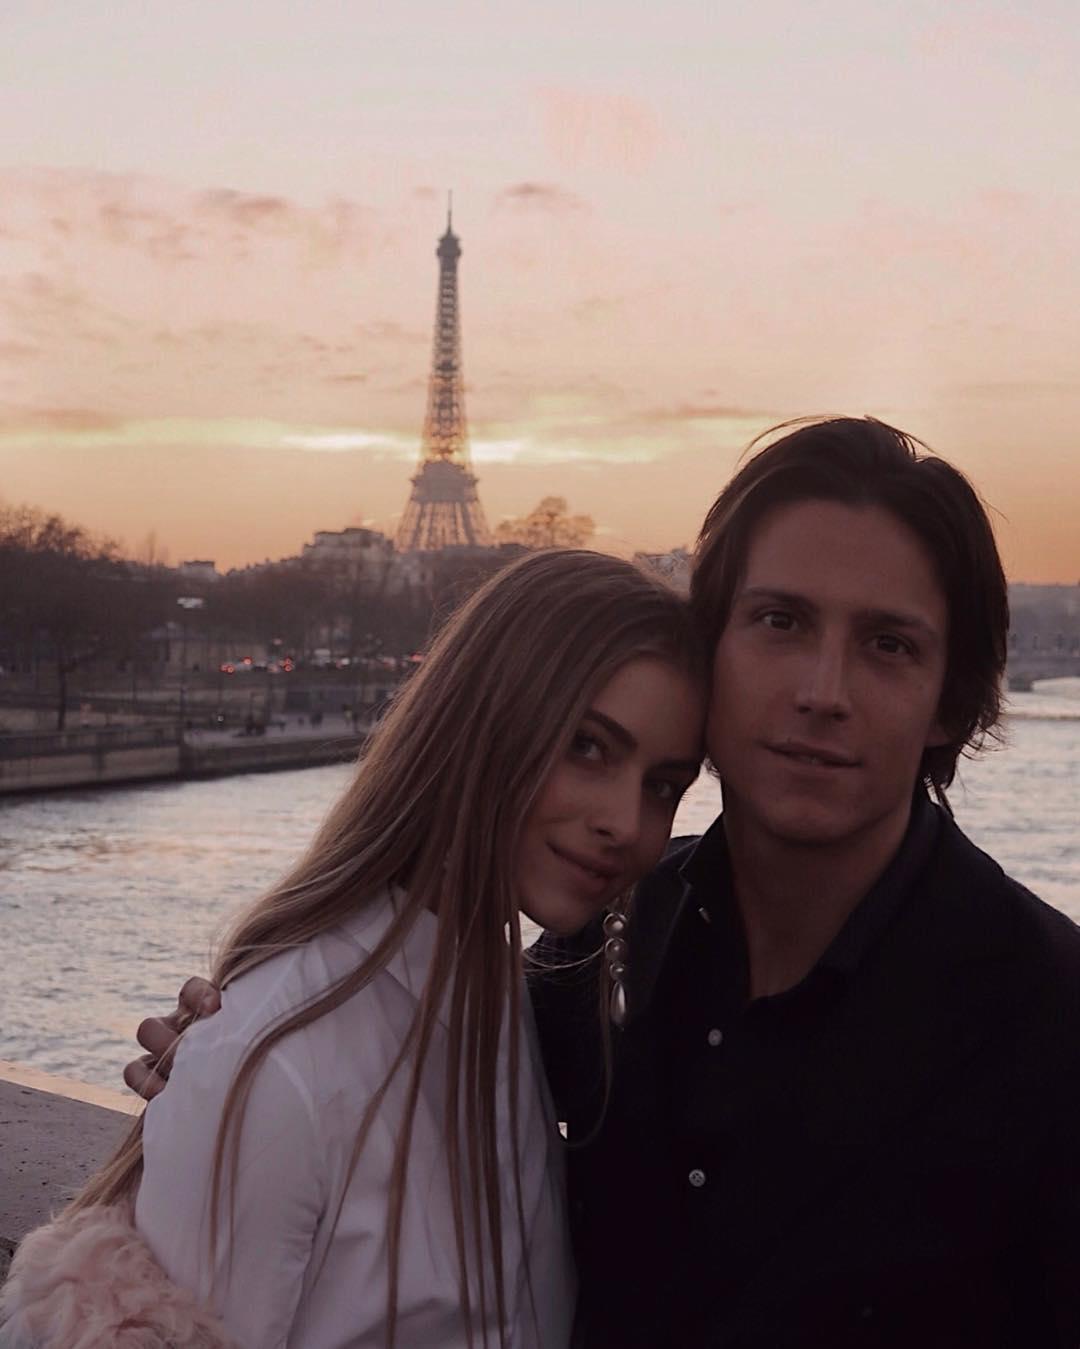 София Евдокименко и Марко Дэменил / Фото: Instagram @marcodumenil